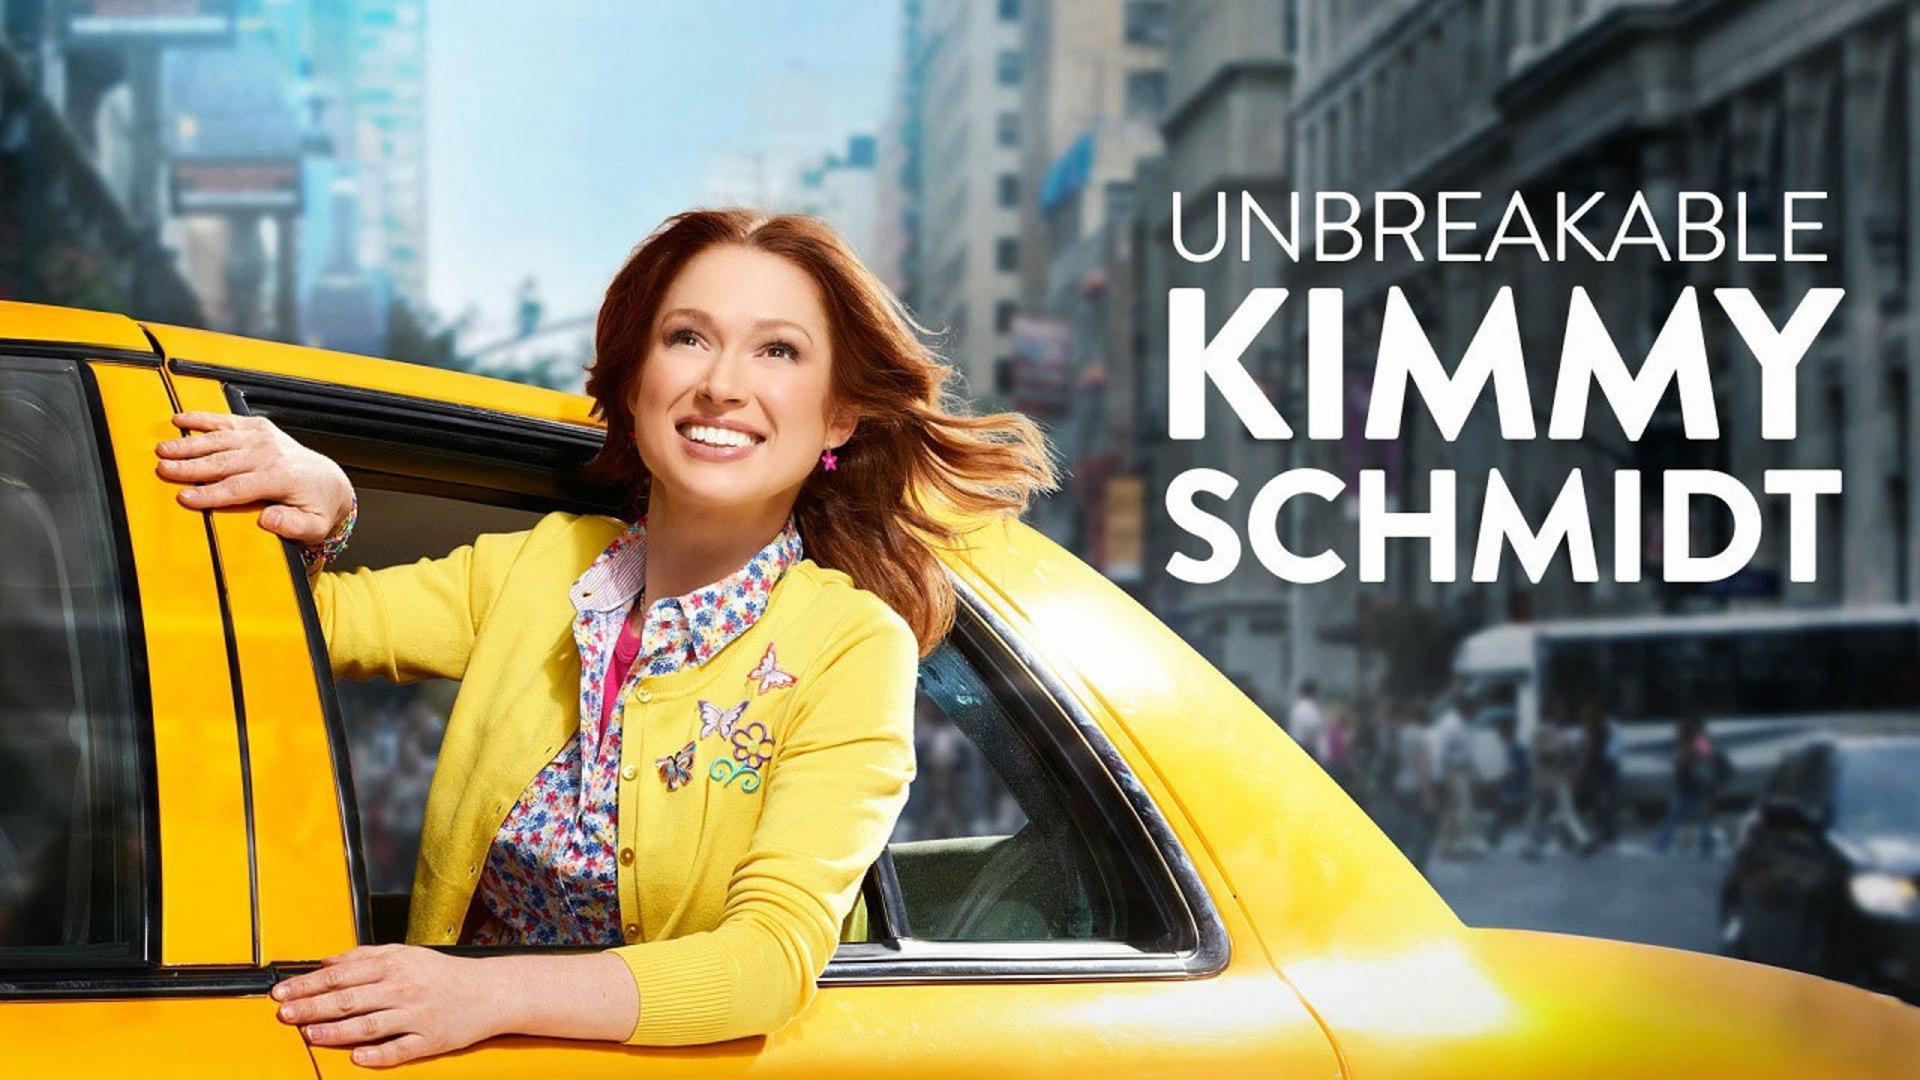 unbreakable-kimmy-schmidt1.jpg